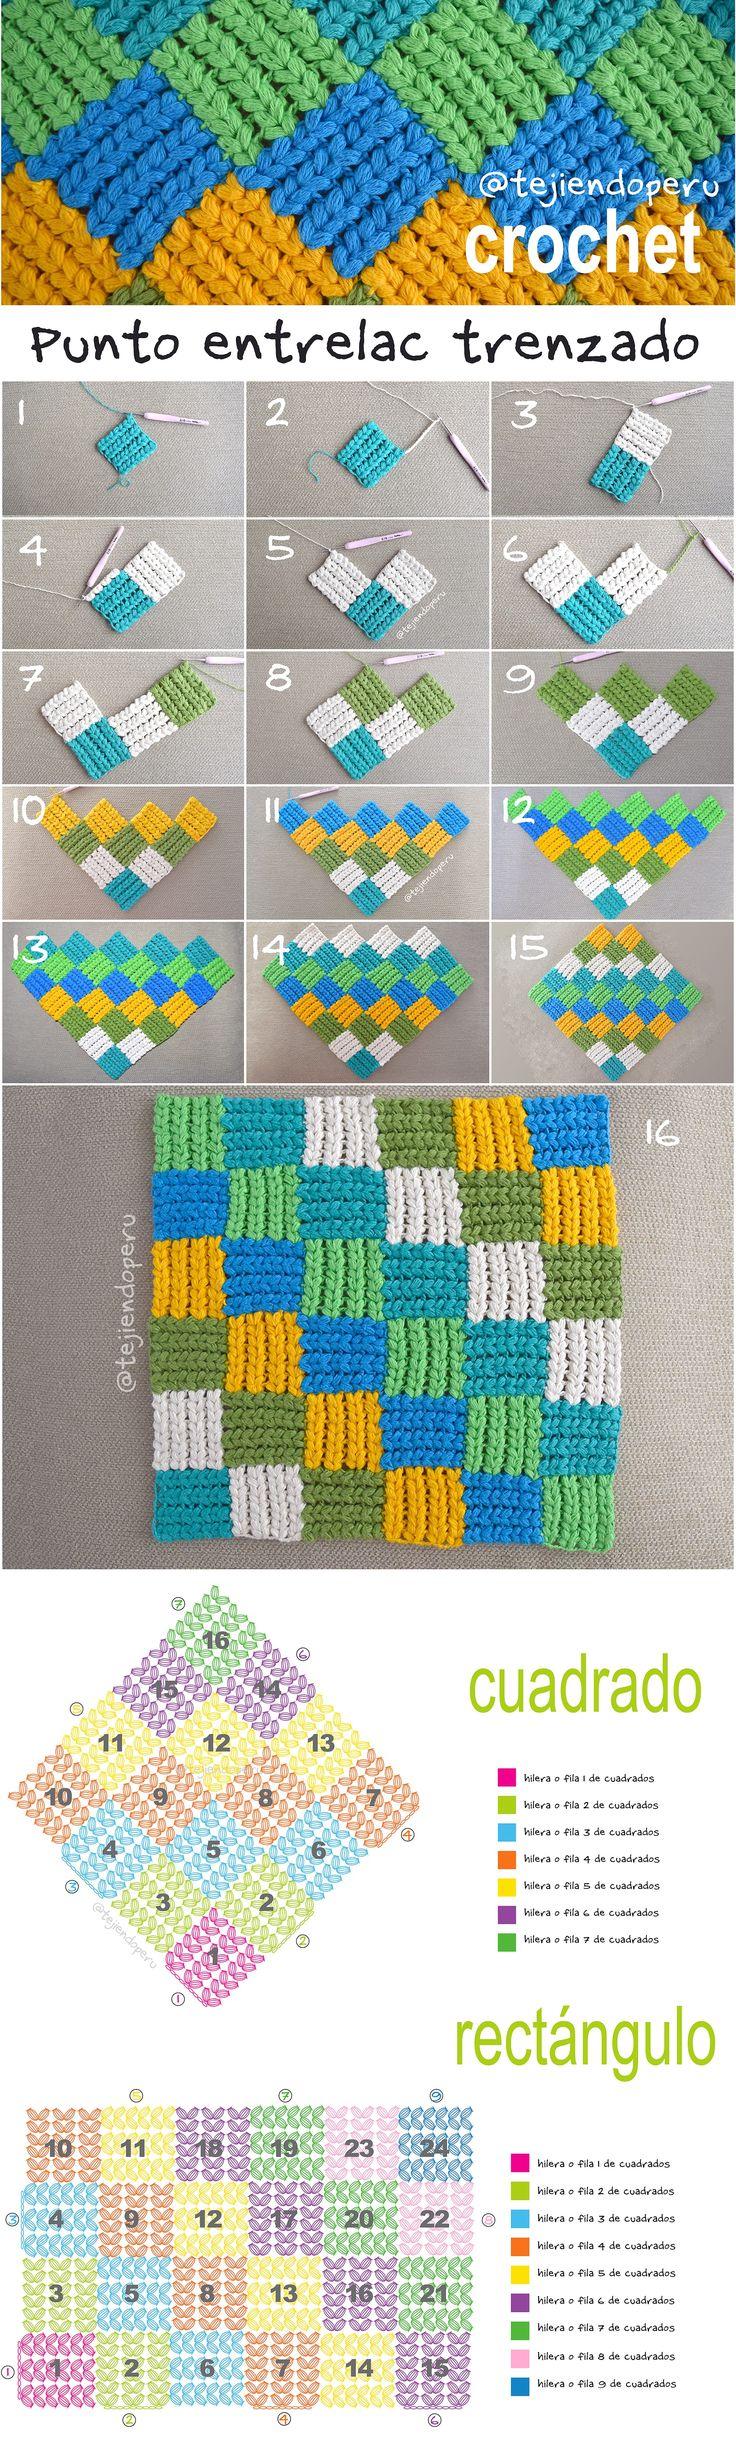 Punto entrelac trenzado (con trenzas gorditas!) tejido a crochet. Paso a paso en video tutorial!